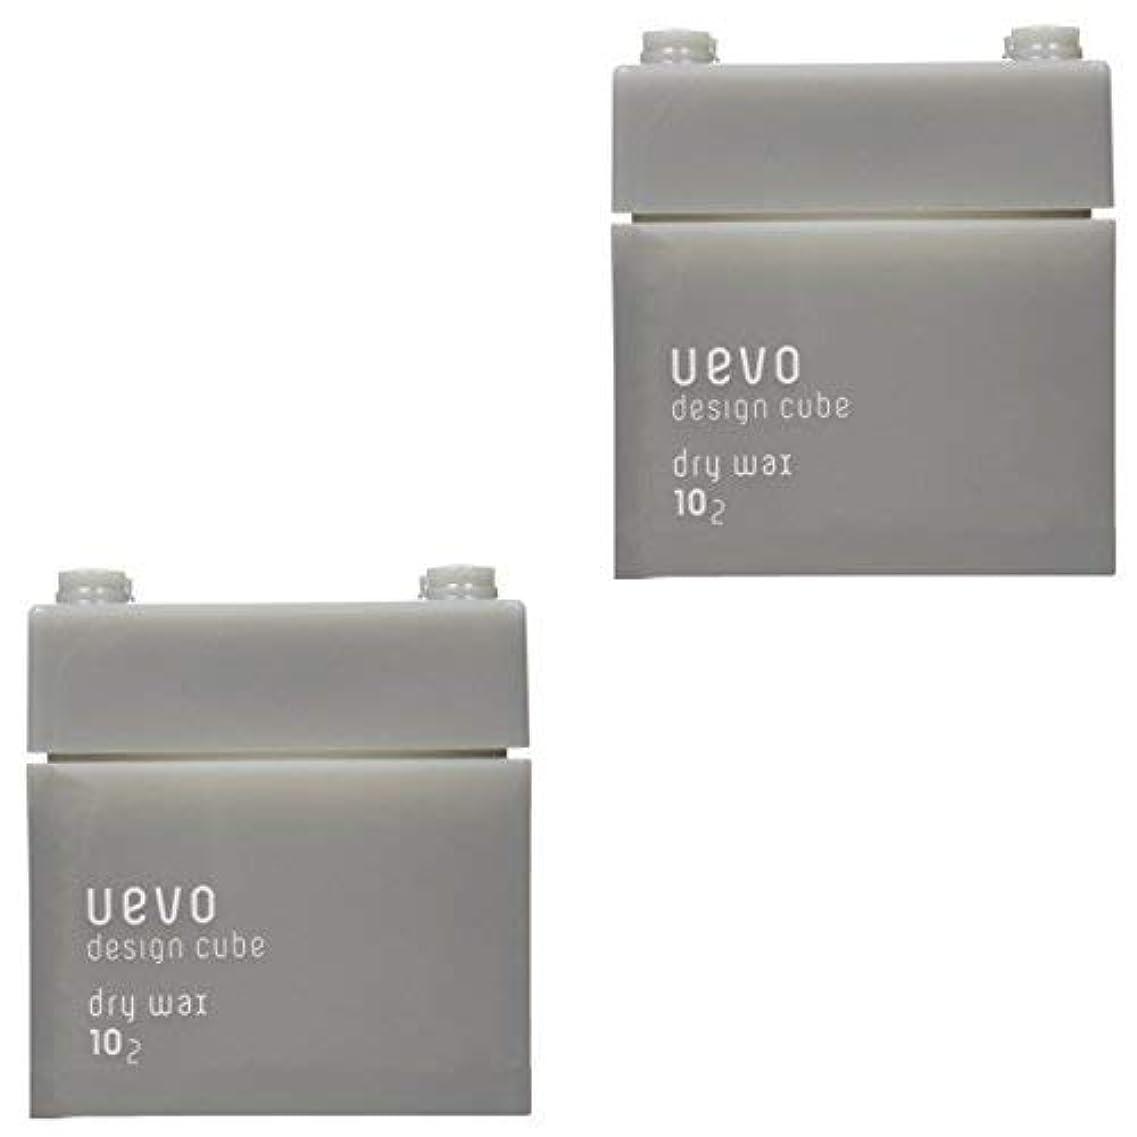 漏斗ペルセウスインチ【X2個セット】 デミ ウェーボ デザインキューブ ドライワックス 80g dry wax DEMI uevo design cube